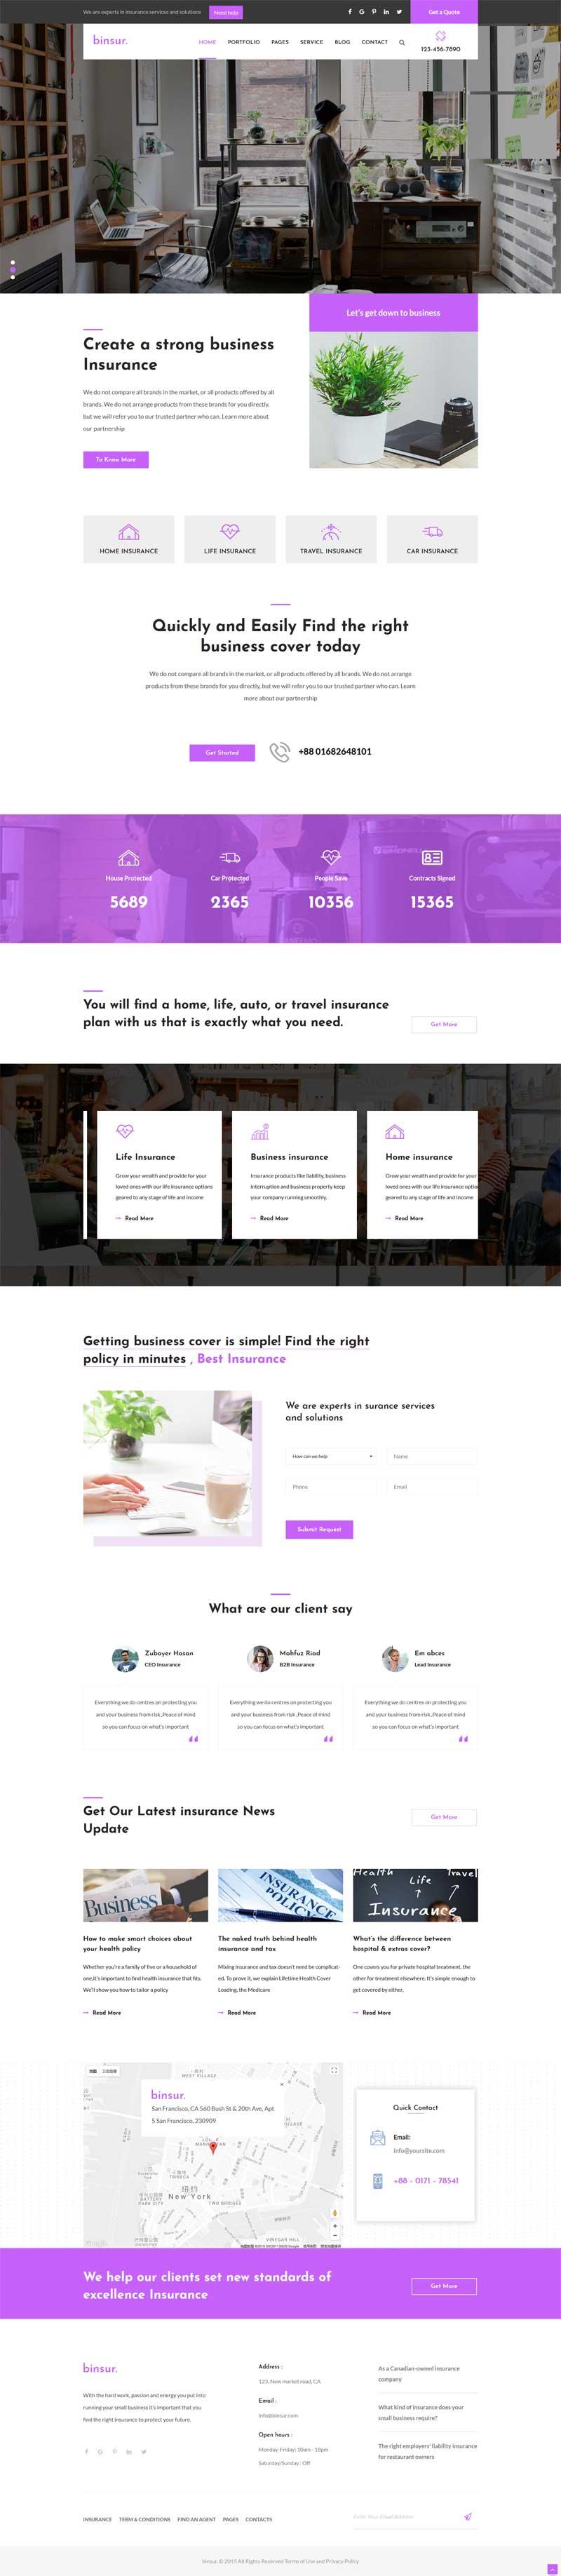 紫色大气的商业保险公司网站模板